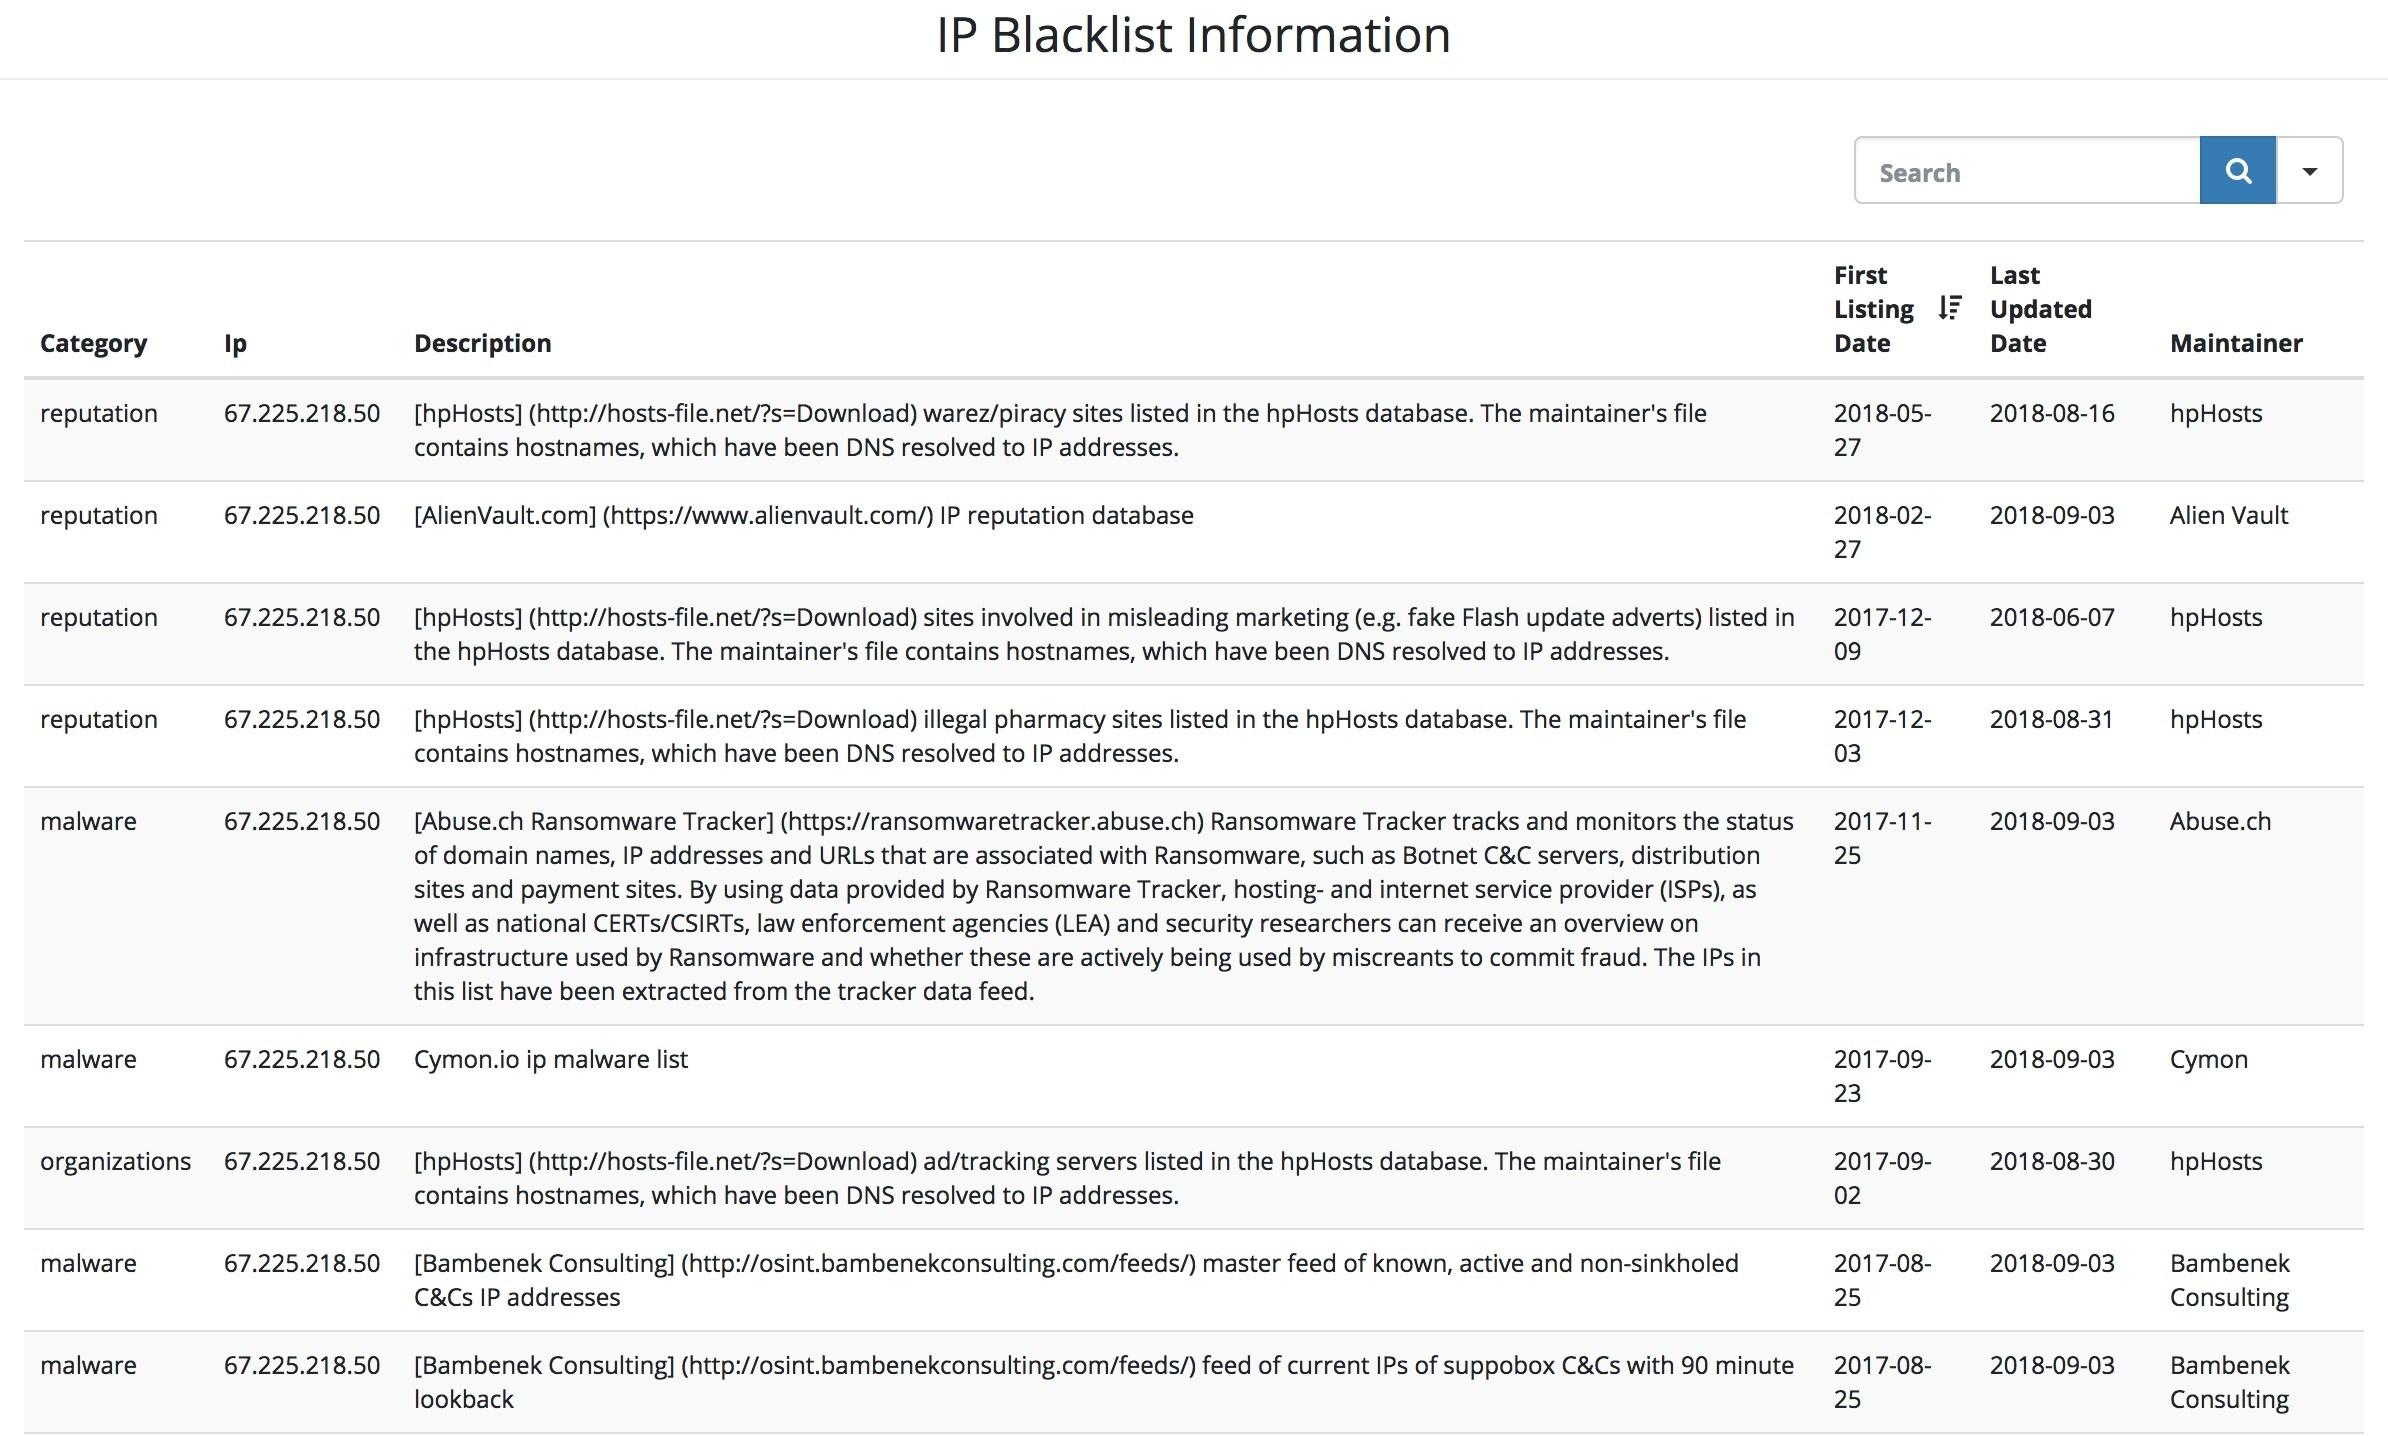 ip blacklist information